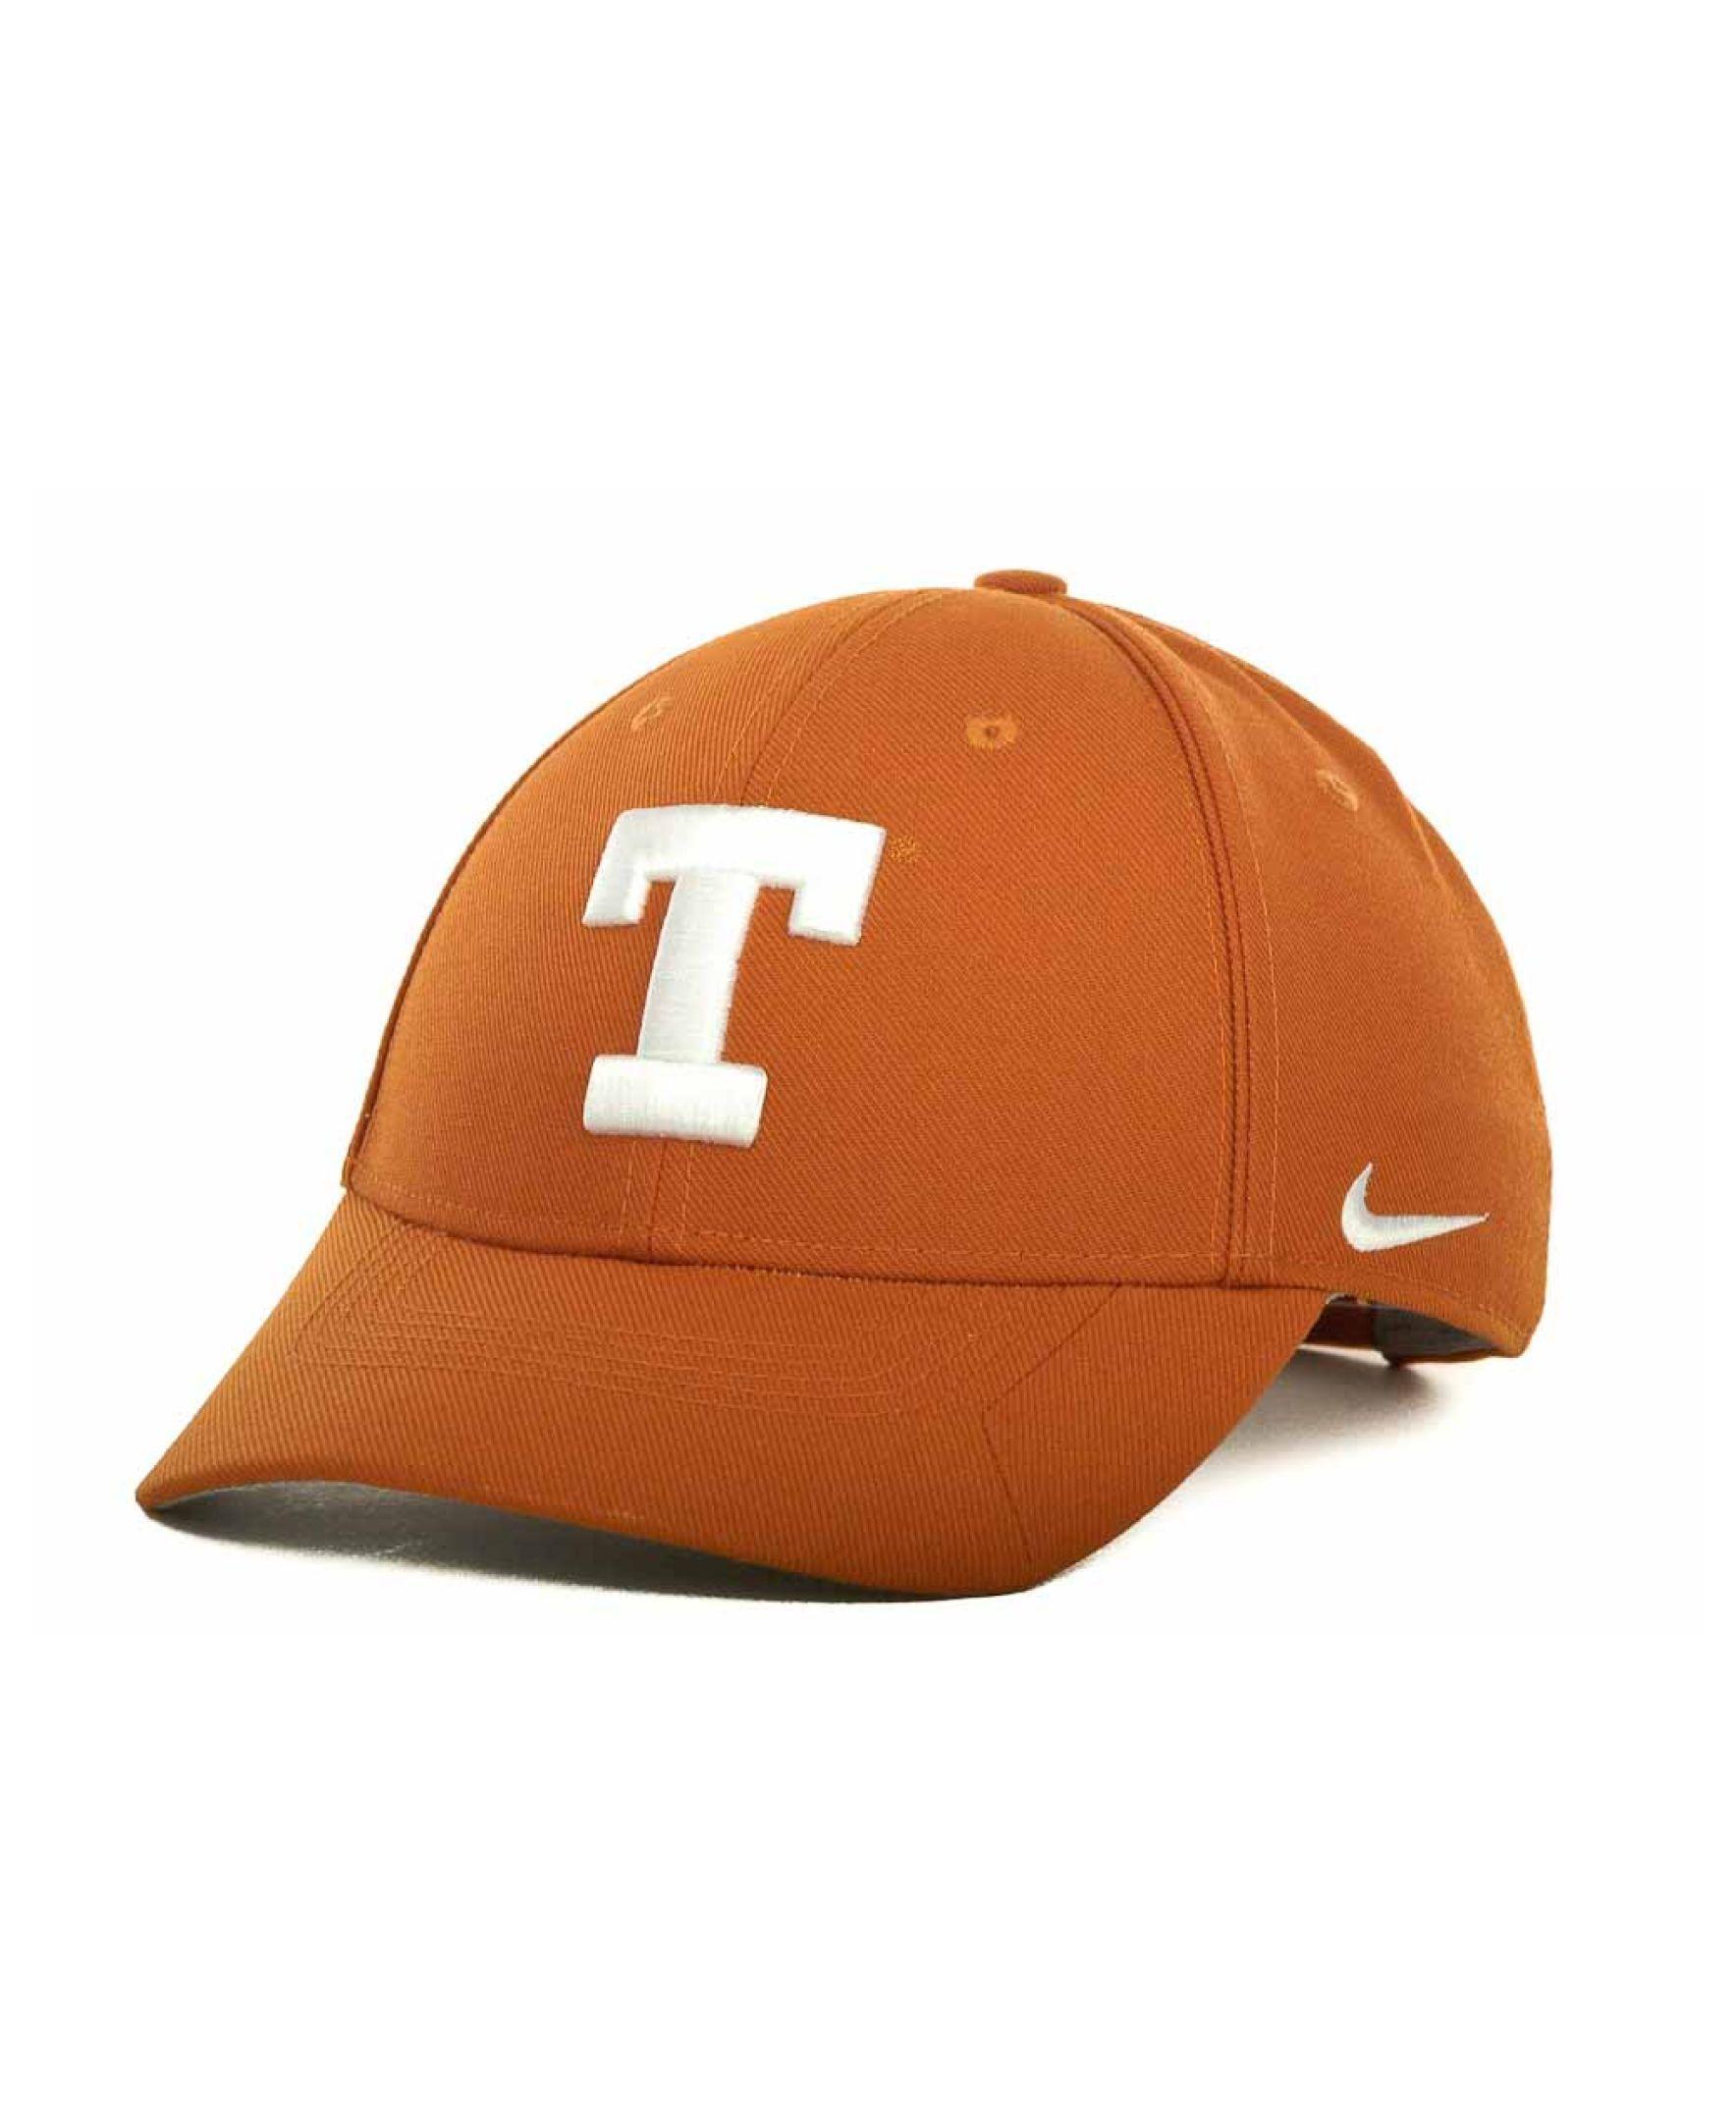 Nike texas longhorns sideline legacy 91 cap sports fan shop by lids men macy s